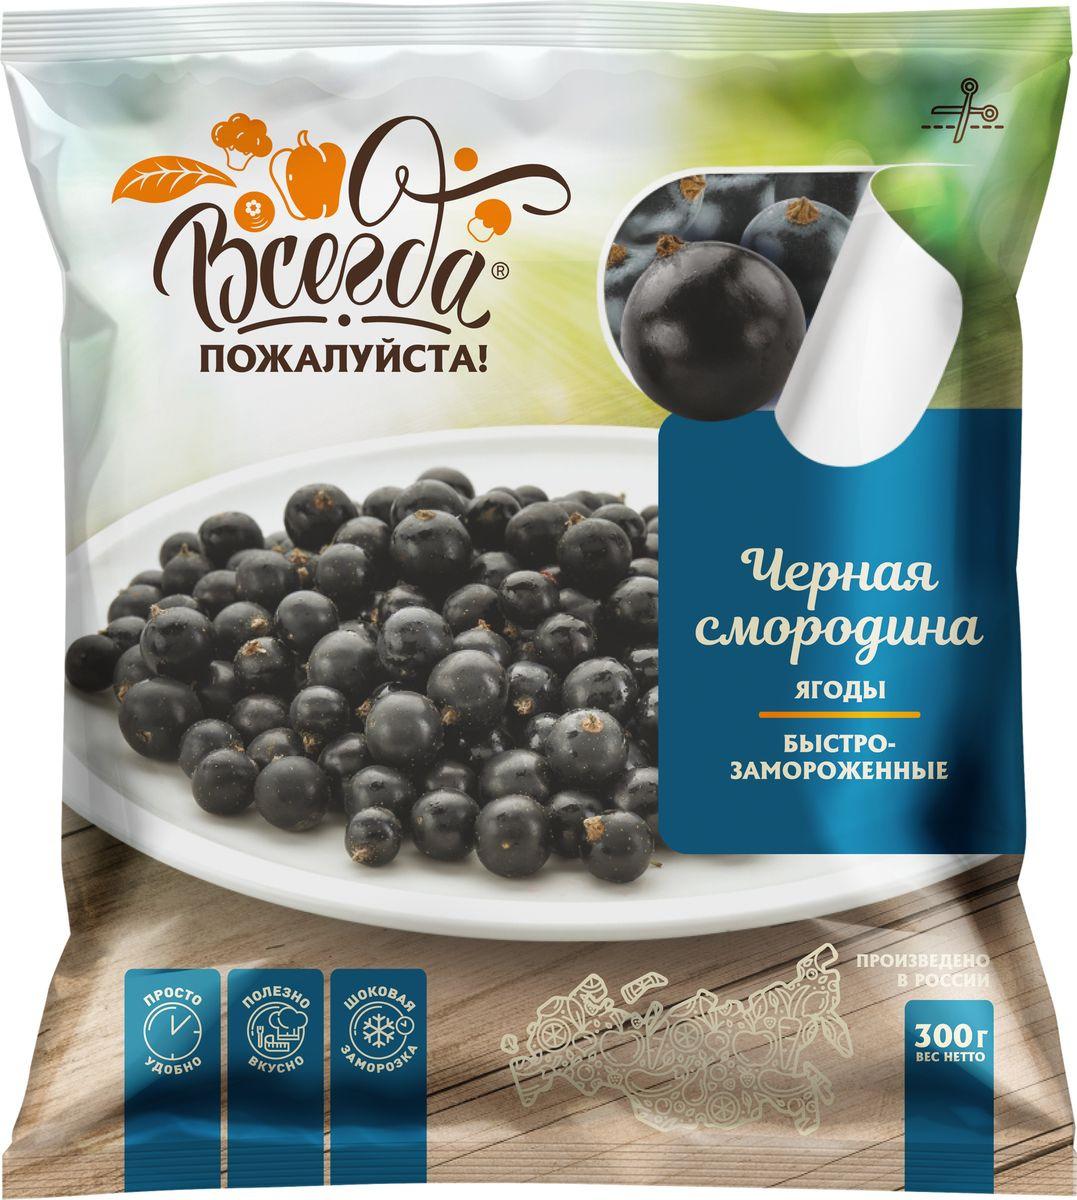 Черная смородина Всегда пожалуйста замороженная, 300 г а а купличенко е в рассоха вкусные ягоды в вашем саду